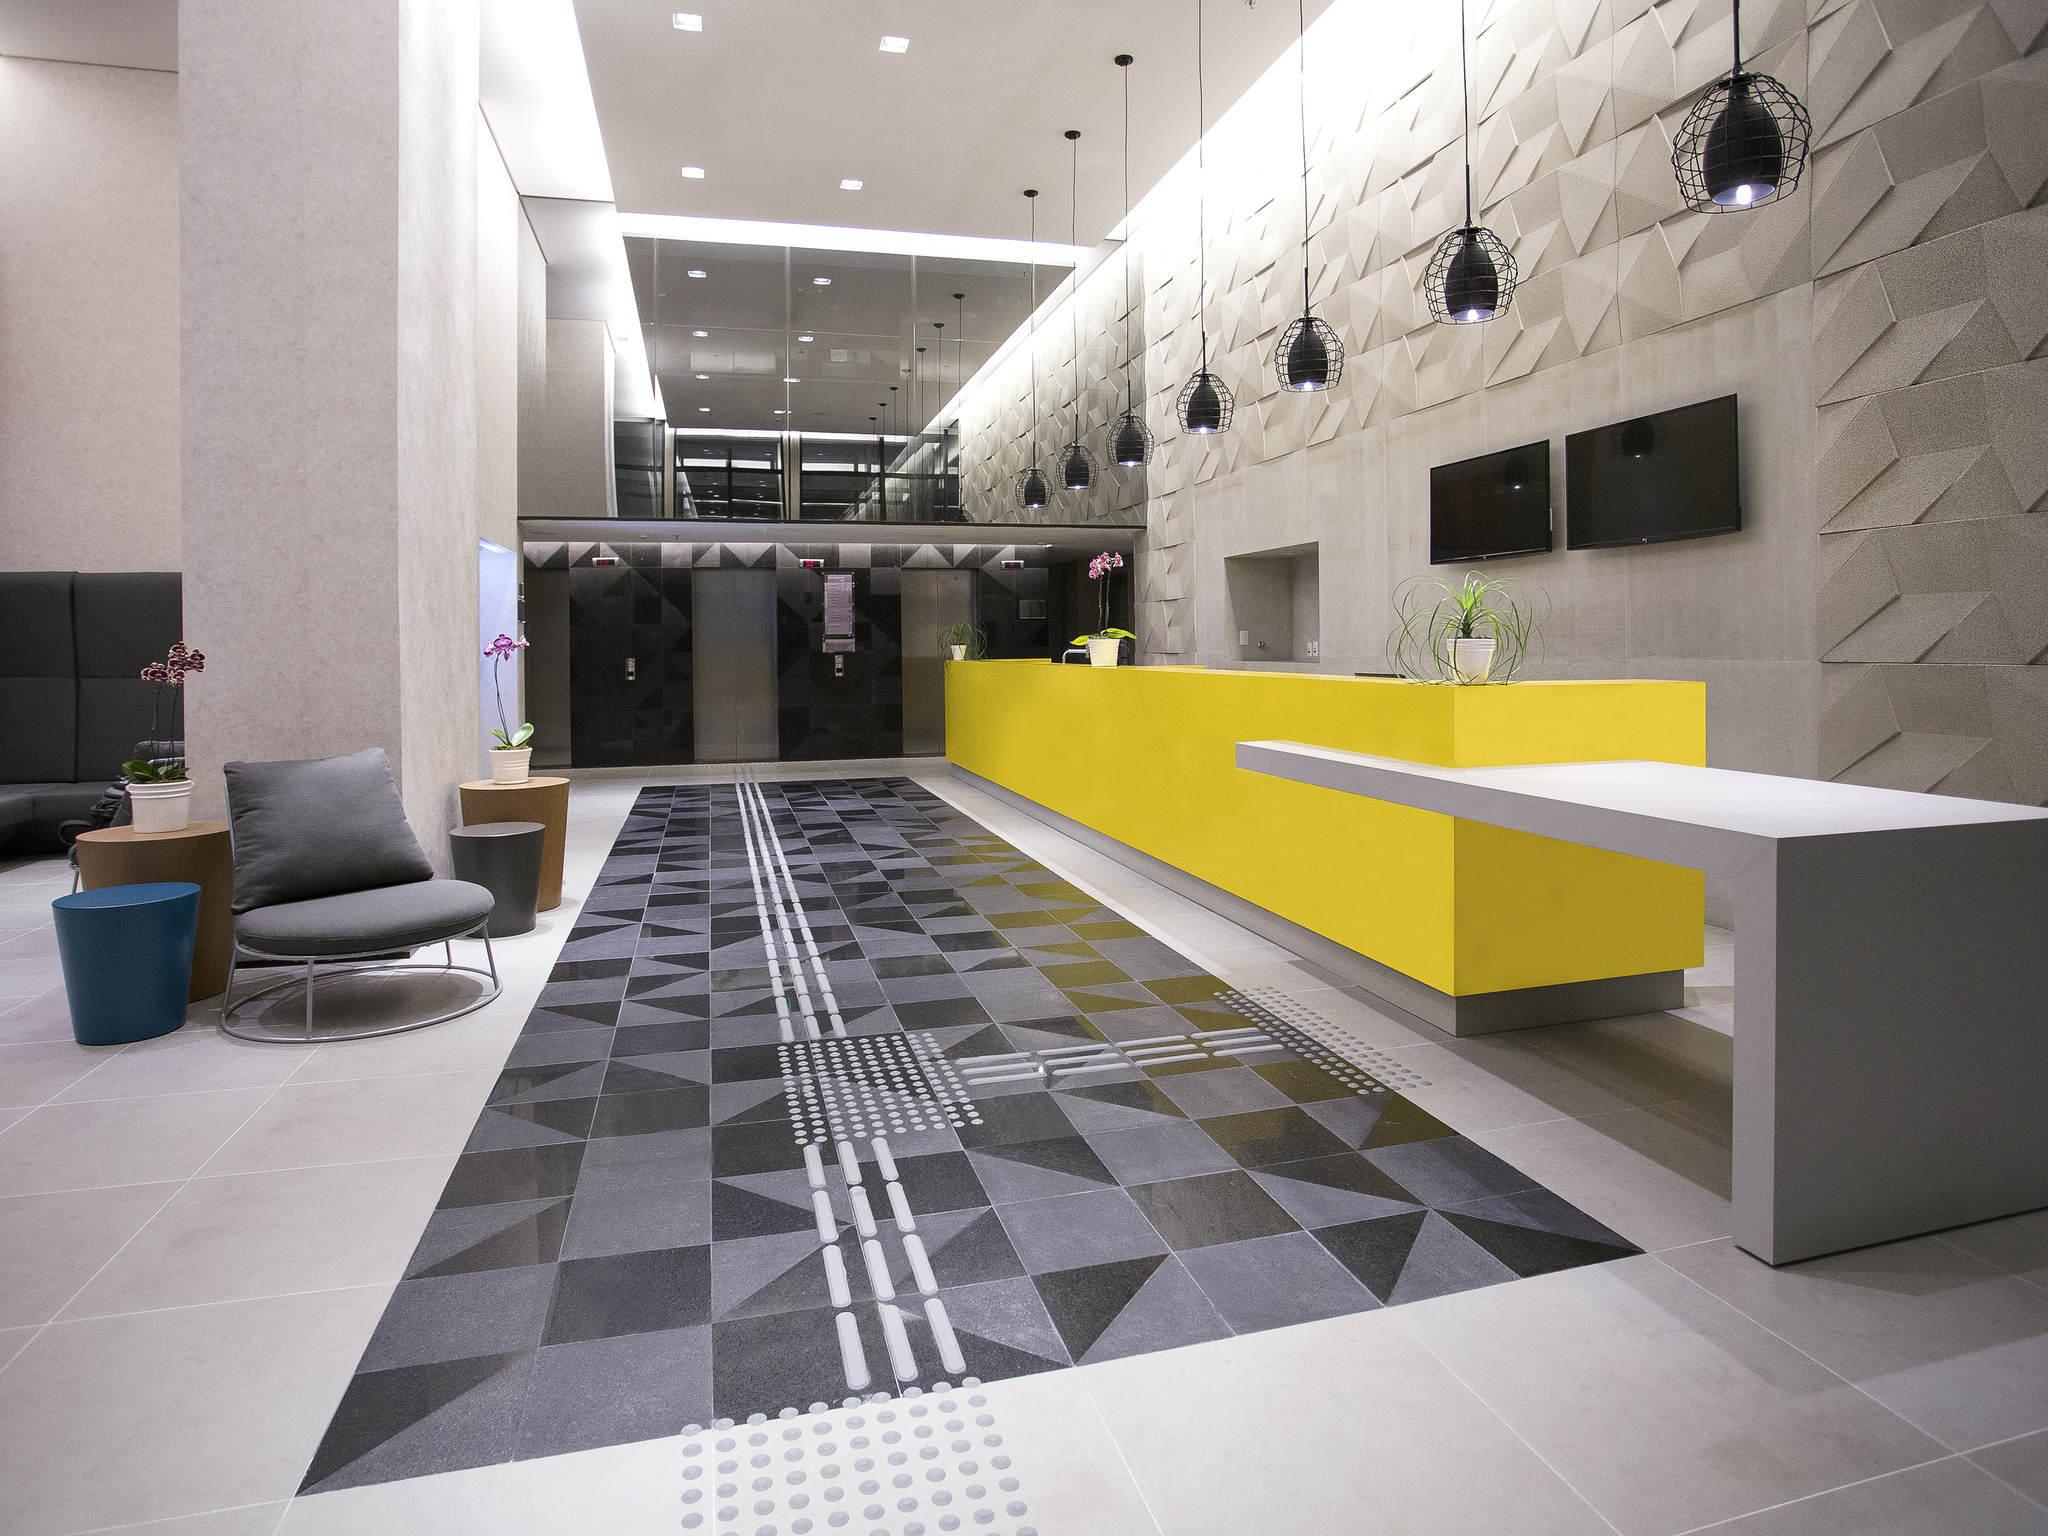 酒店 – 阿德吉奥萨尔瓦多公寓酒店